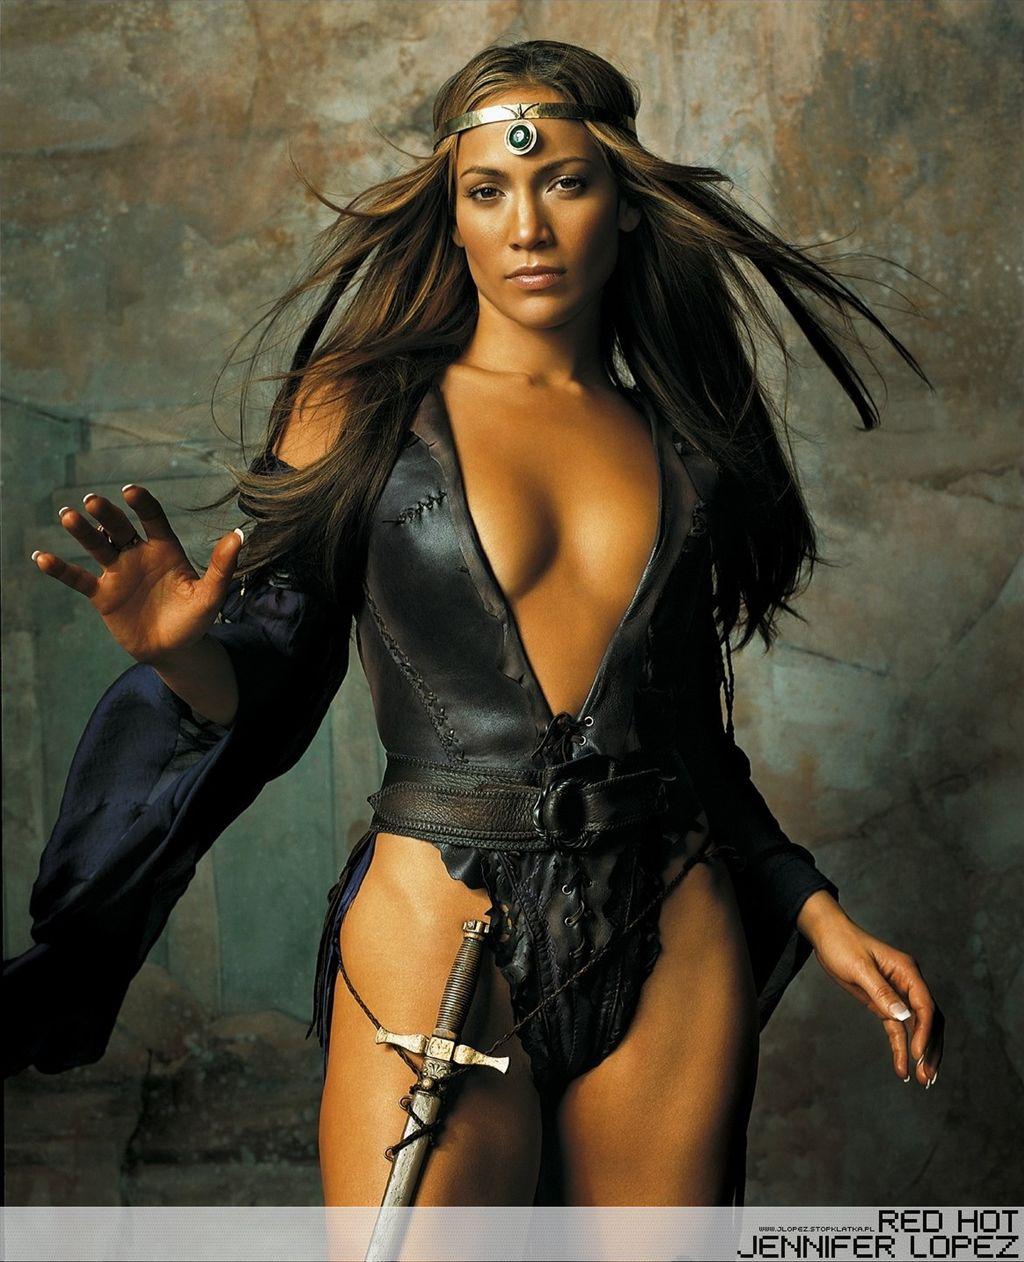 http://1.bp.blogspot.com/_zu07D-9lBnM/TIiPLabxUWI/AAAAAAAAASg/gZ46D6aDEI4/s1600/Jenepher+Lopez+Hot+Photo+(6).jpg